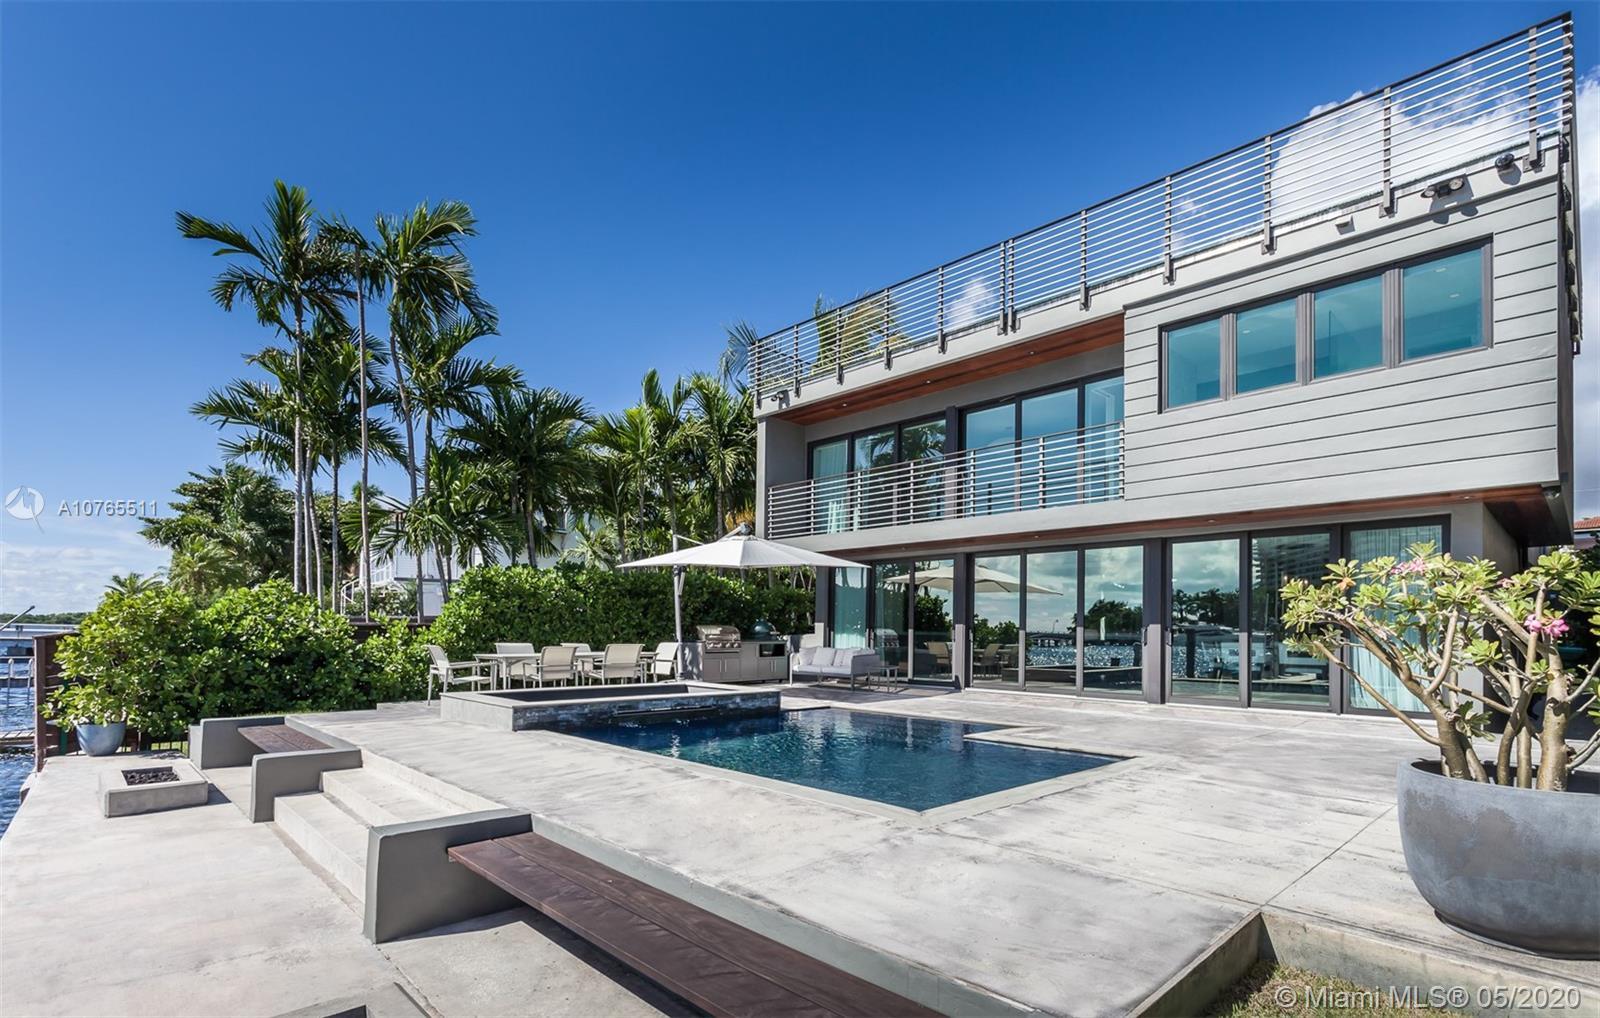 1814 S Bayshore Ln, Miami, Florida 33133, 5 Bedrooms Bedrooms, ,6 BathroomsBathrooms,Residential,For Sale,1814 S Bayshore Ln,A10765511